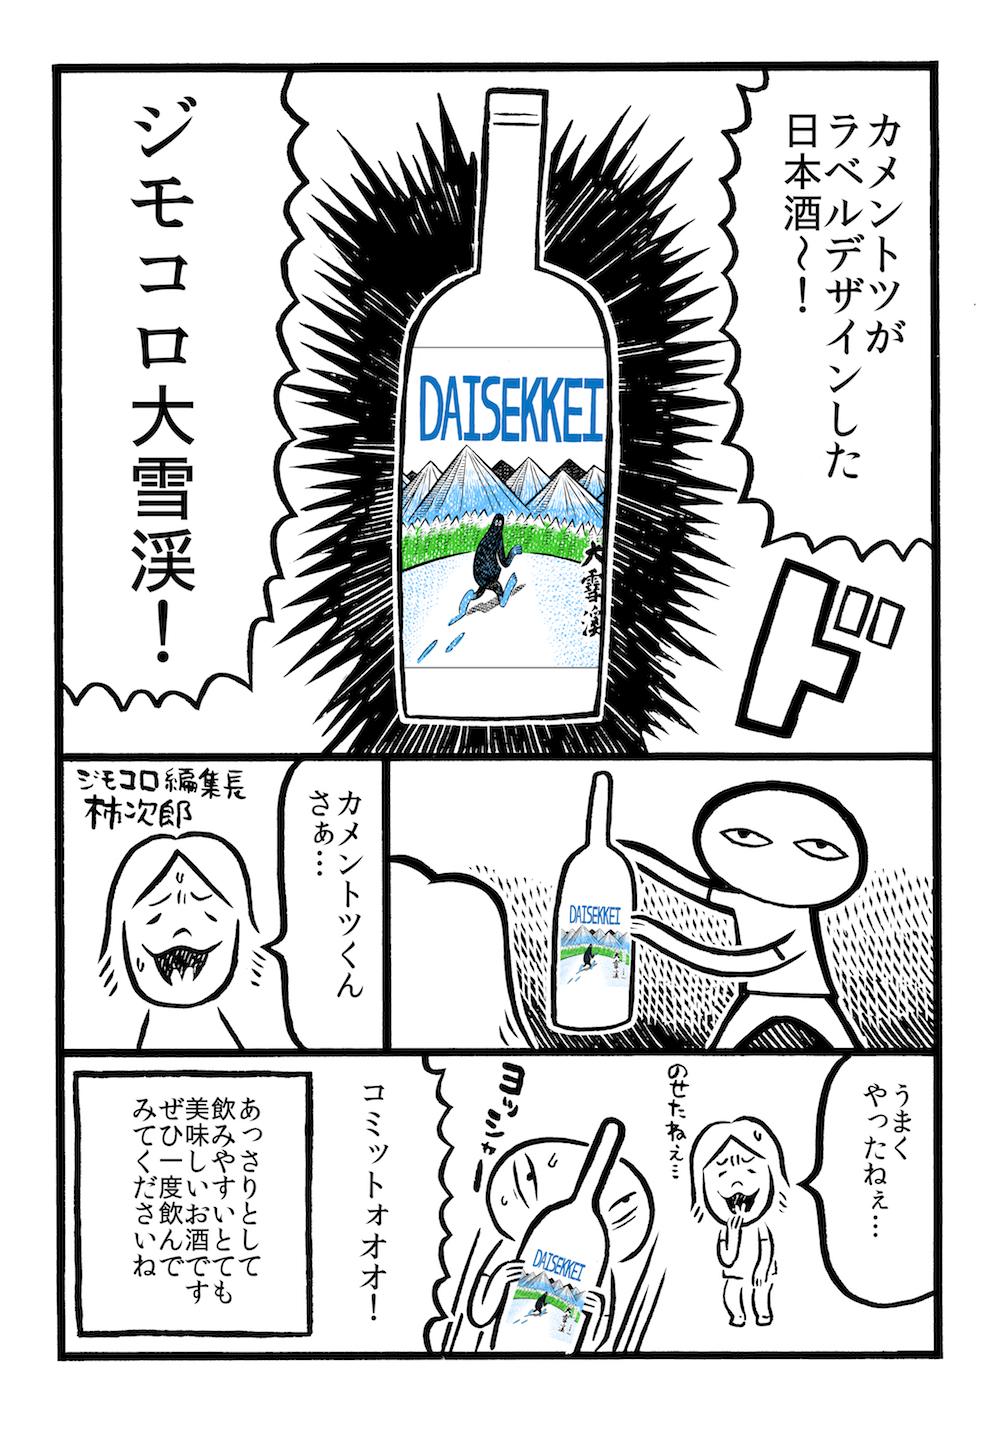 f:id:kakijiro:20170130141156j:plain